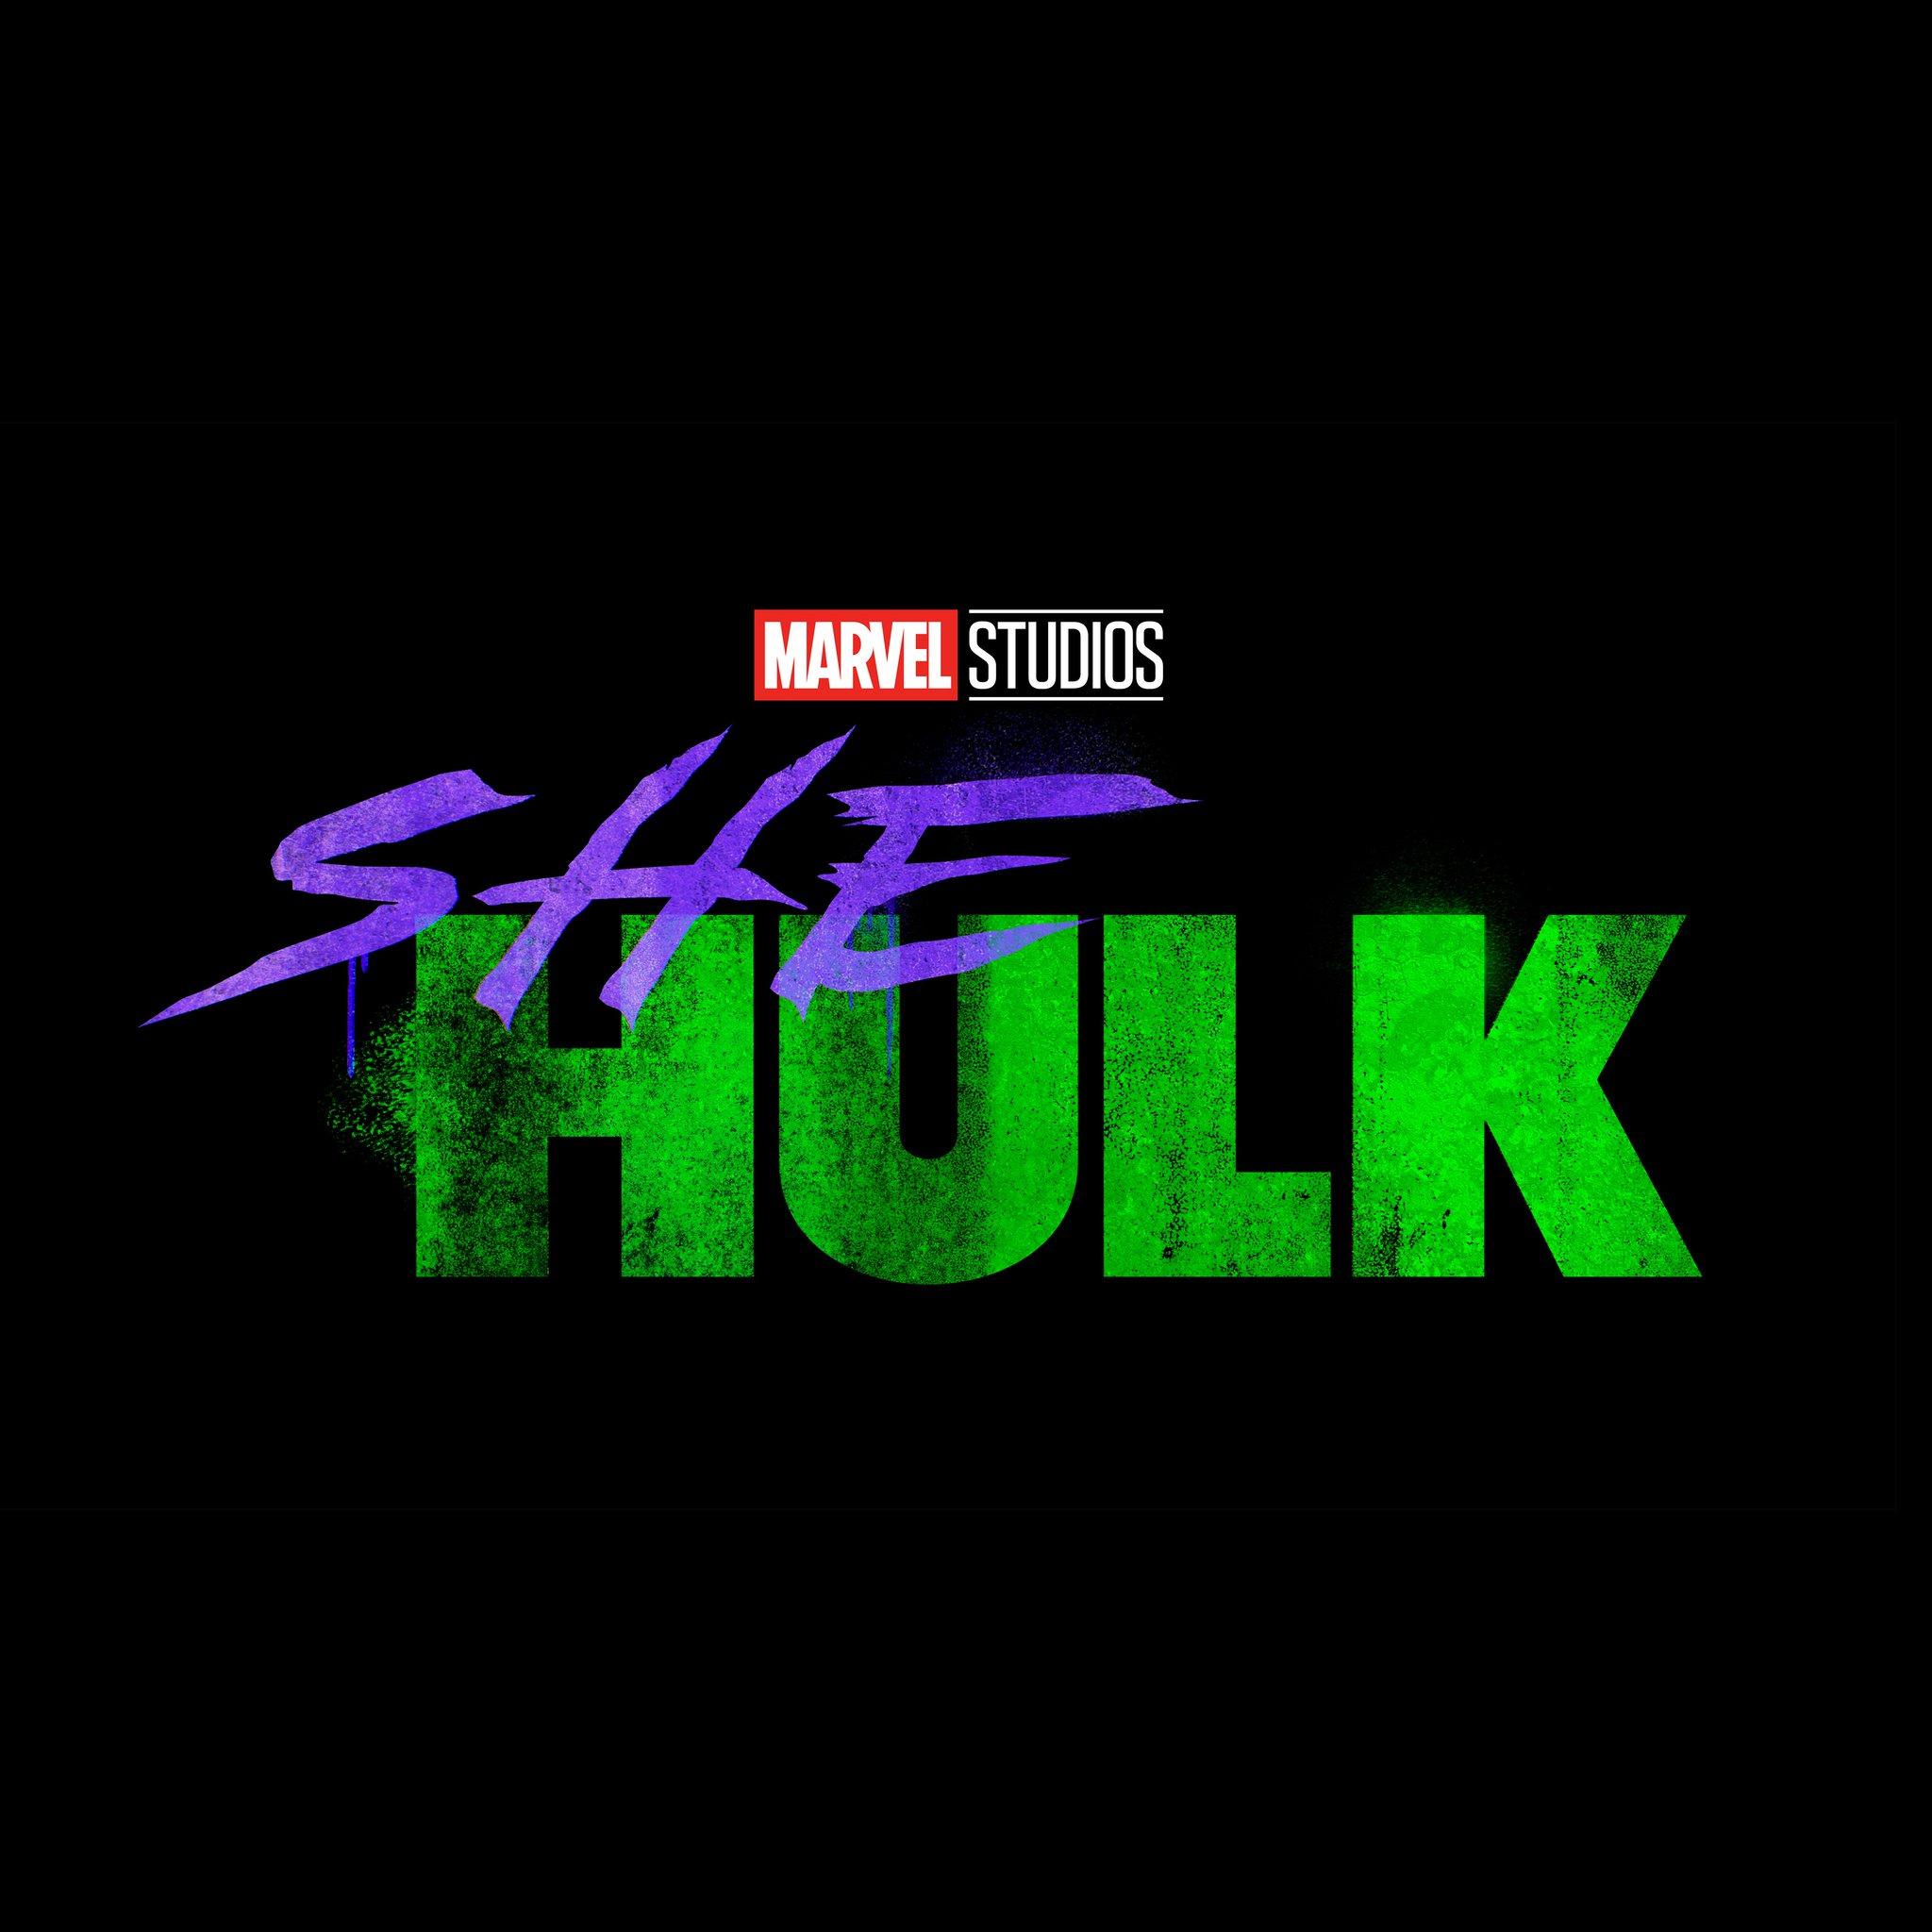 Resultado de imagem para She hulk logo